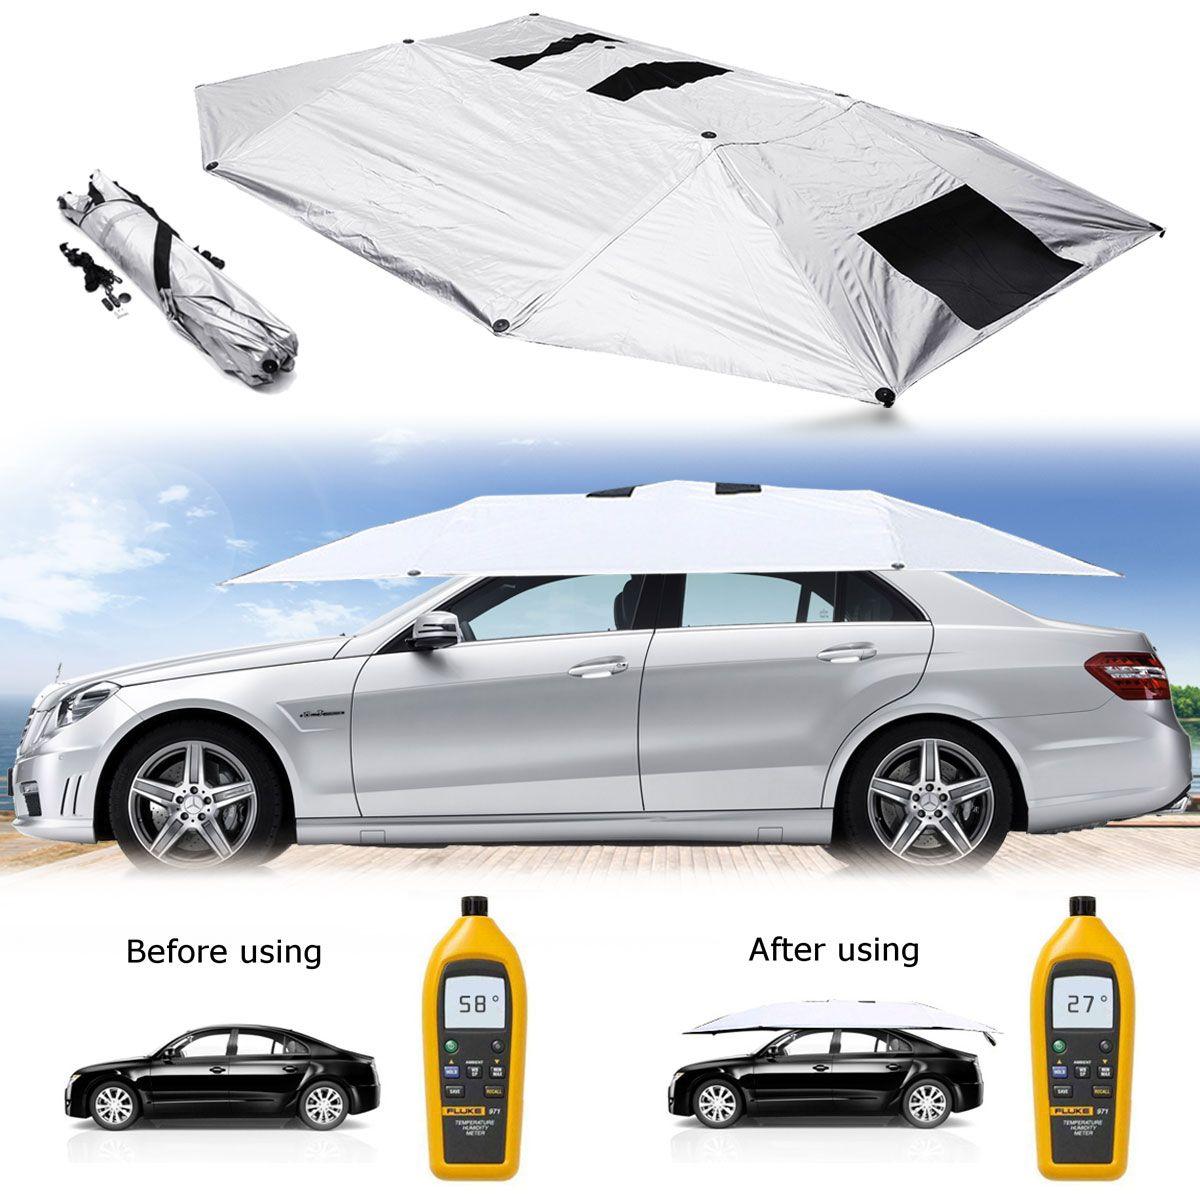 Tragbare Abnehmbare Außen Auto Zelt Regenschirm Dach Sonnenschirm Abdeckung UV Schutz Auto Sonnenschutz Auto Zubehör Folie Sonnenschutz